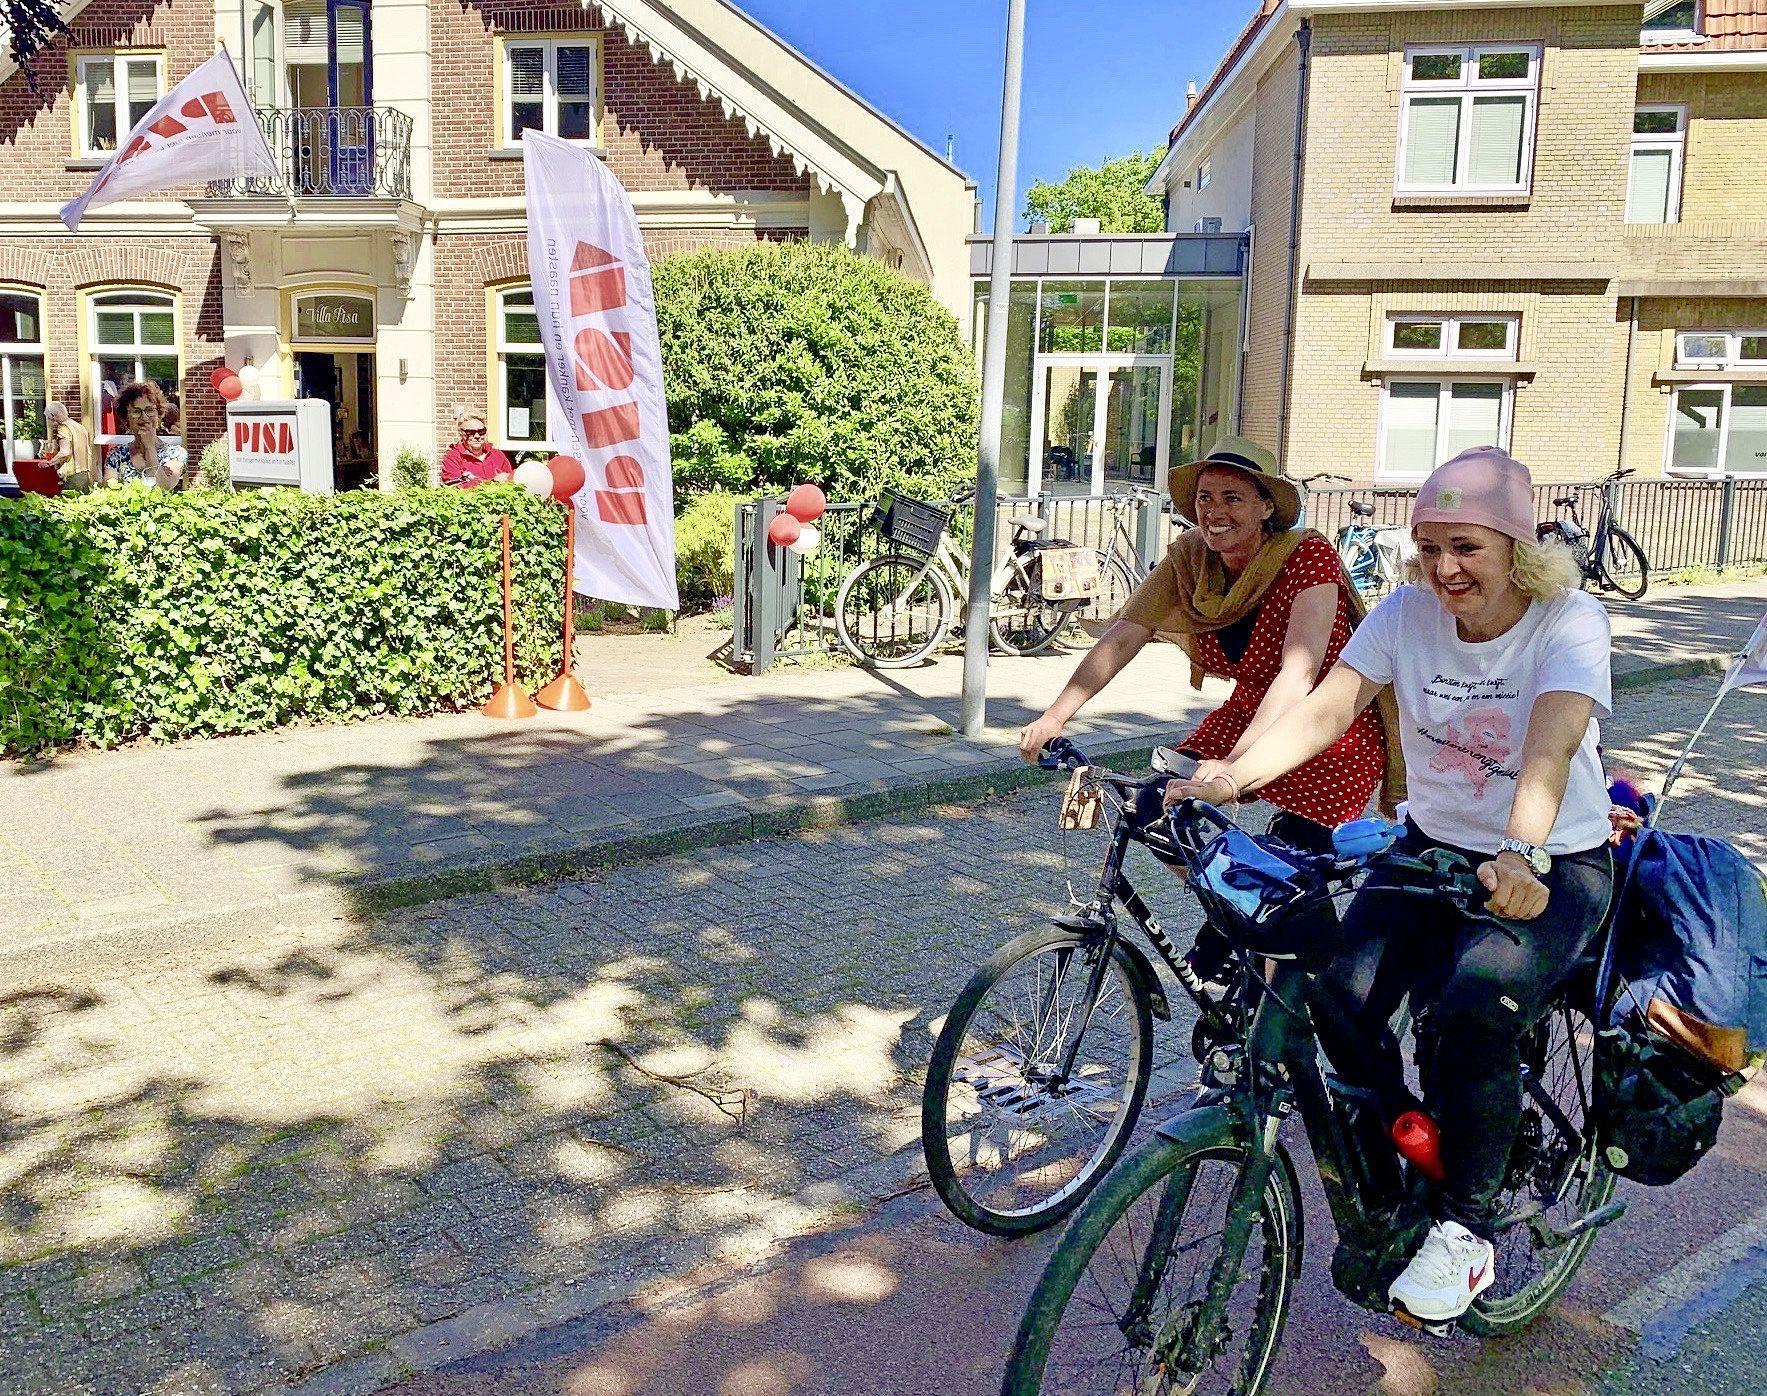 Fietsende actievoerders Evelien en Marinet warm onthaald bij Inloophuis Pisa in Hoorn: 'Ik weet nu hoe Máxima zich voelt'